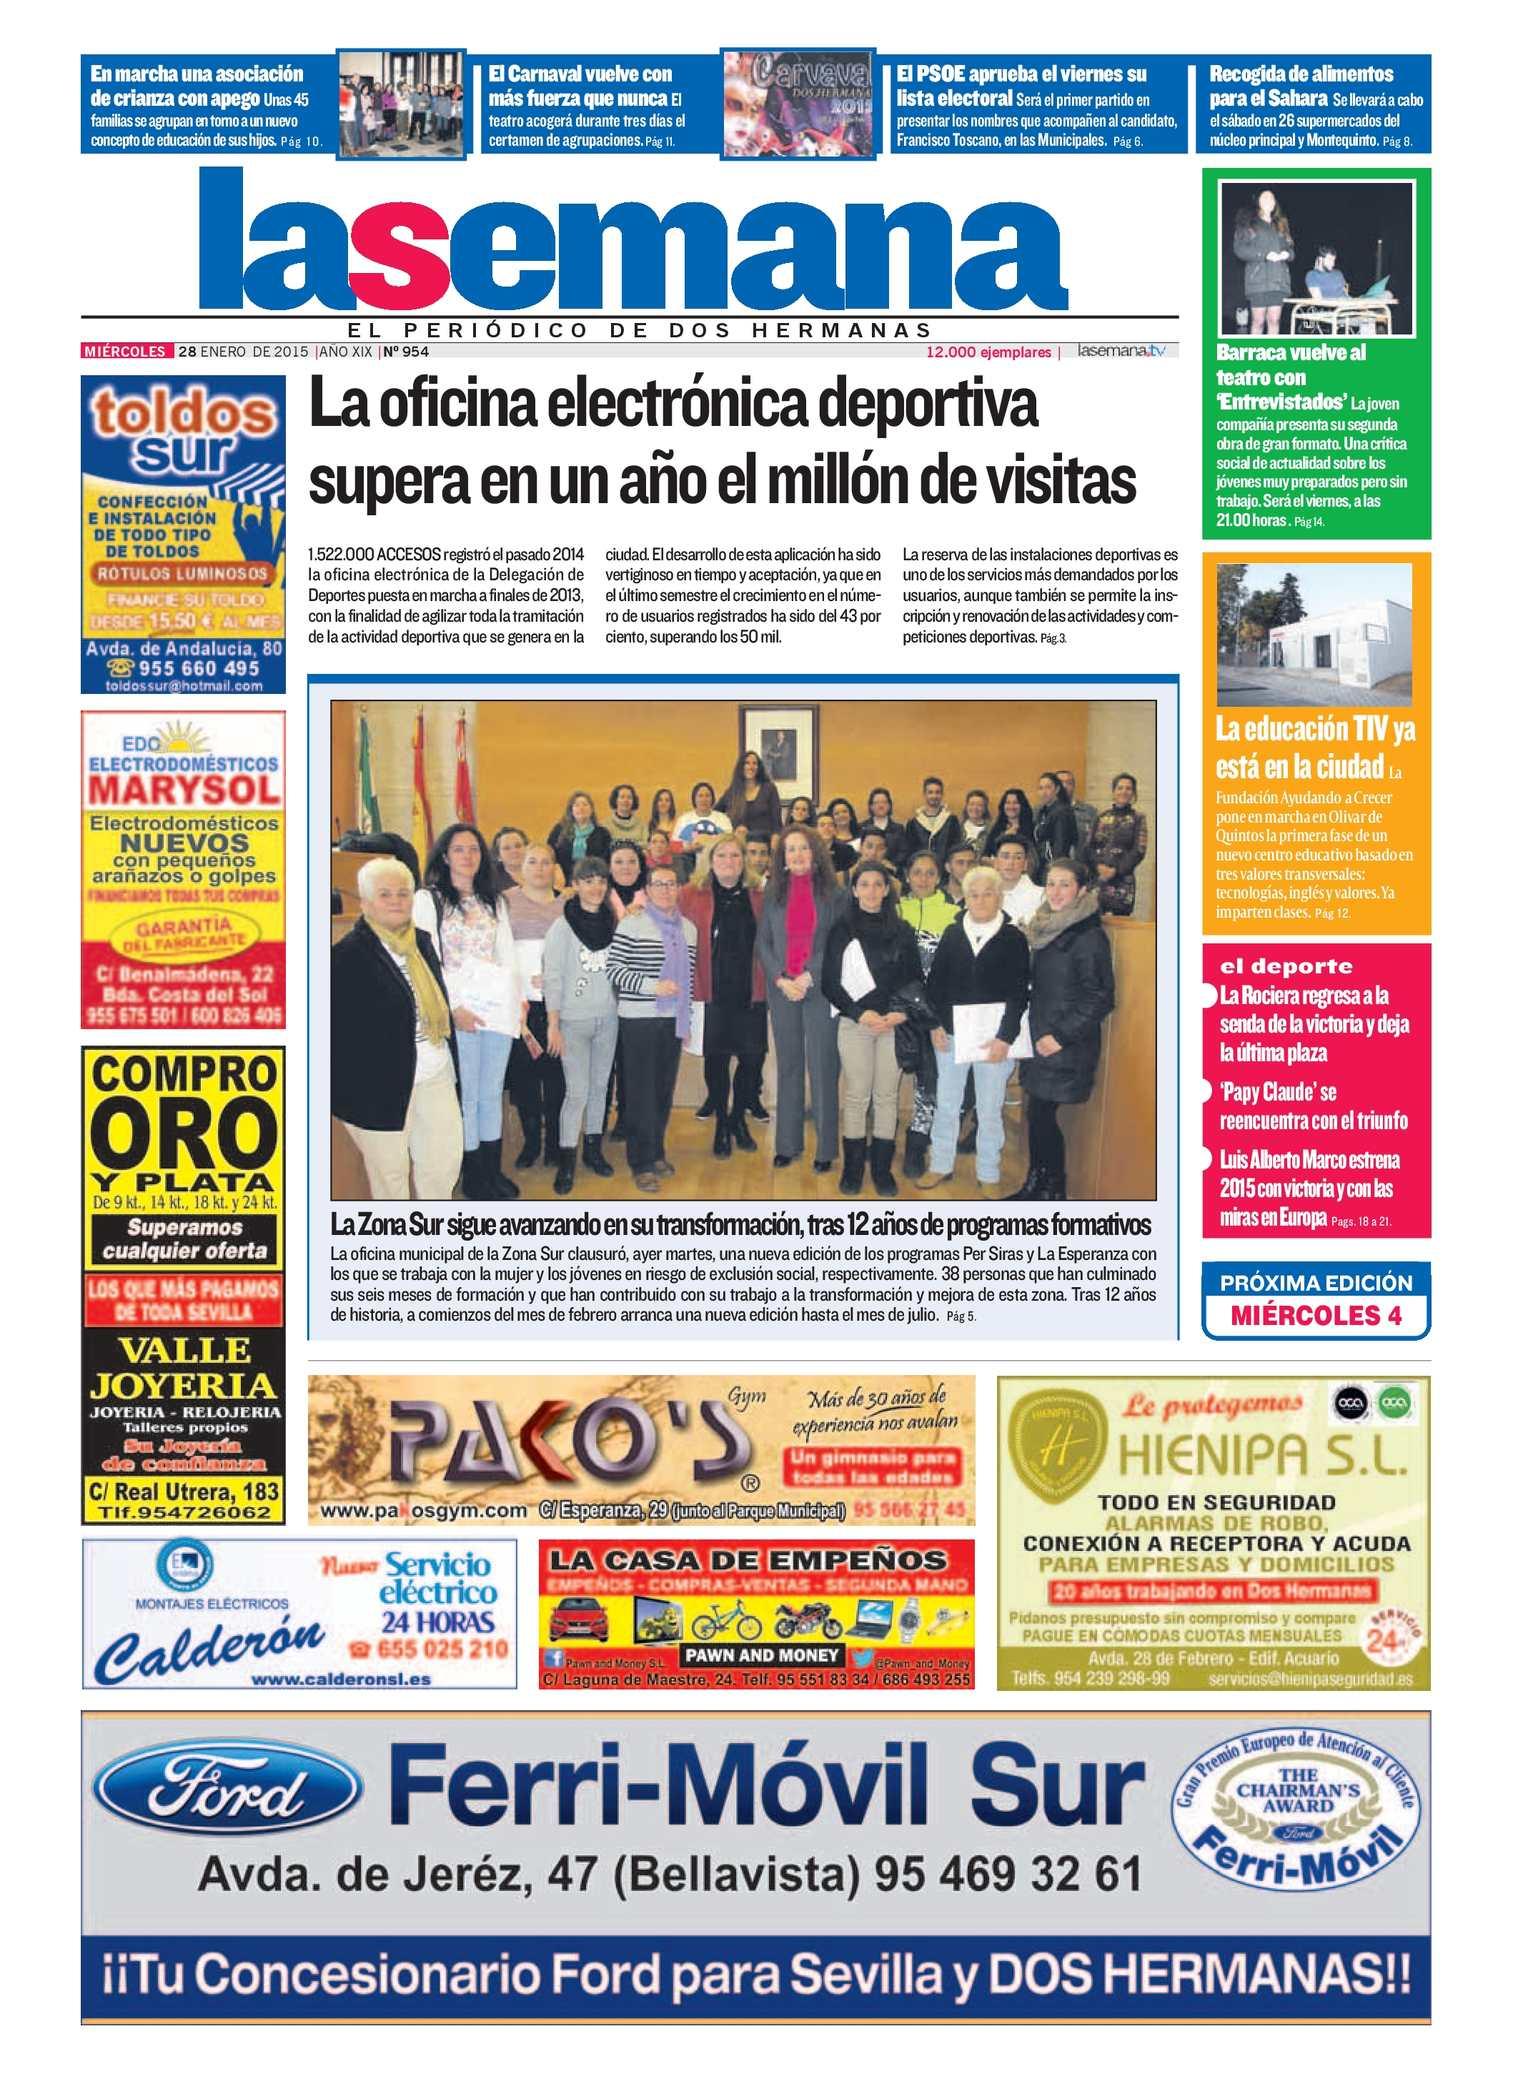 Calaméo - Periódico La Semana de Dos Hermanas Nº 954